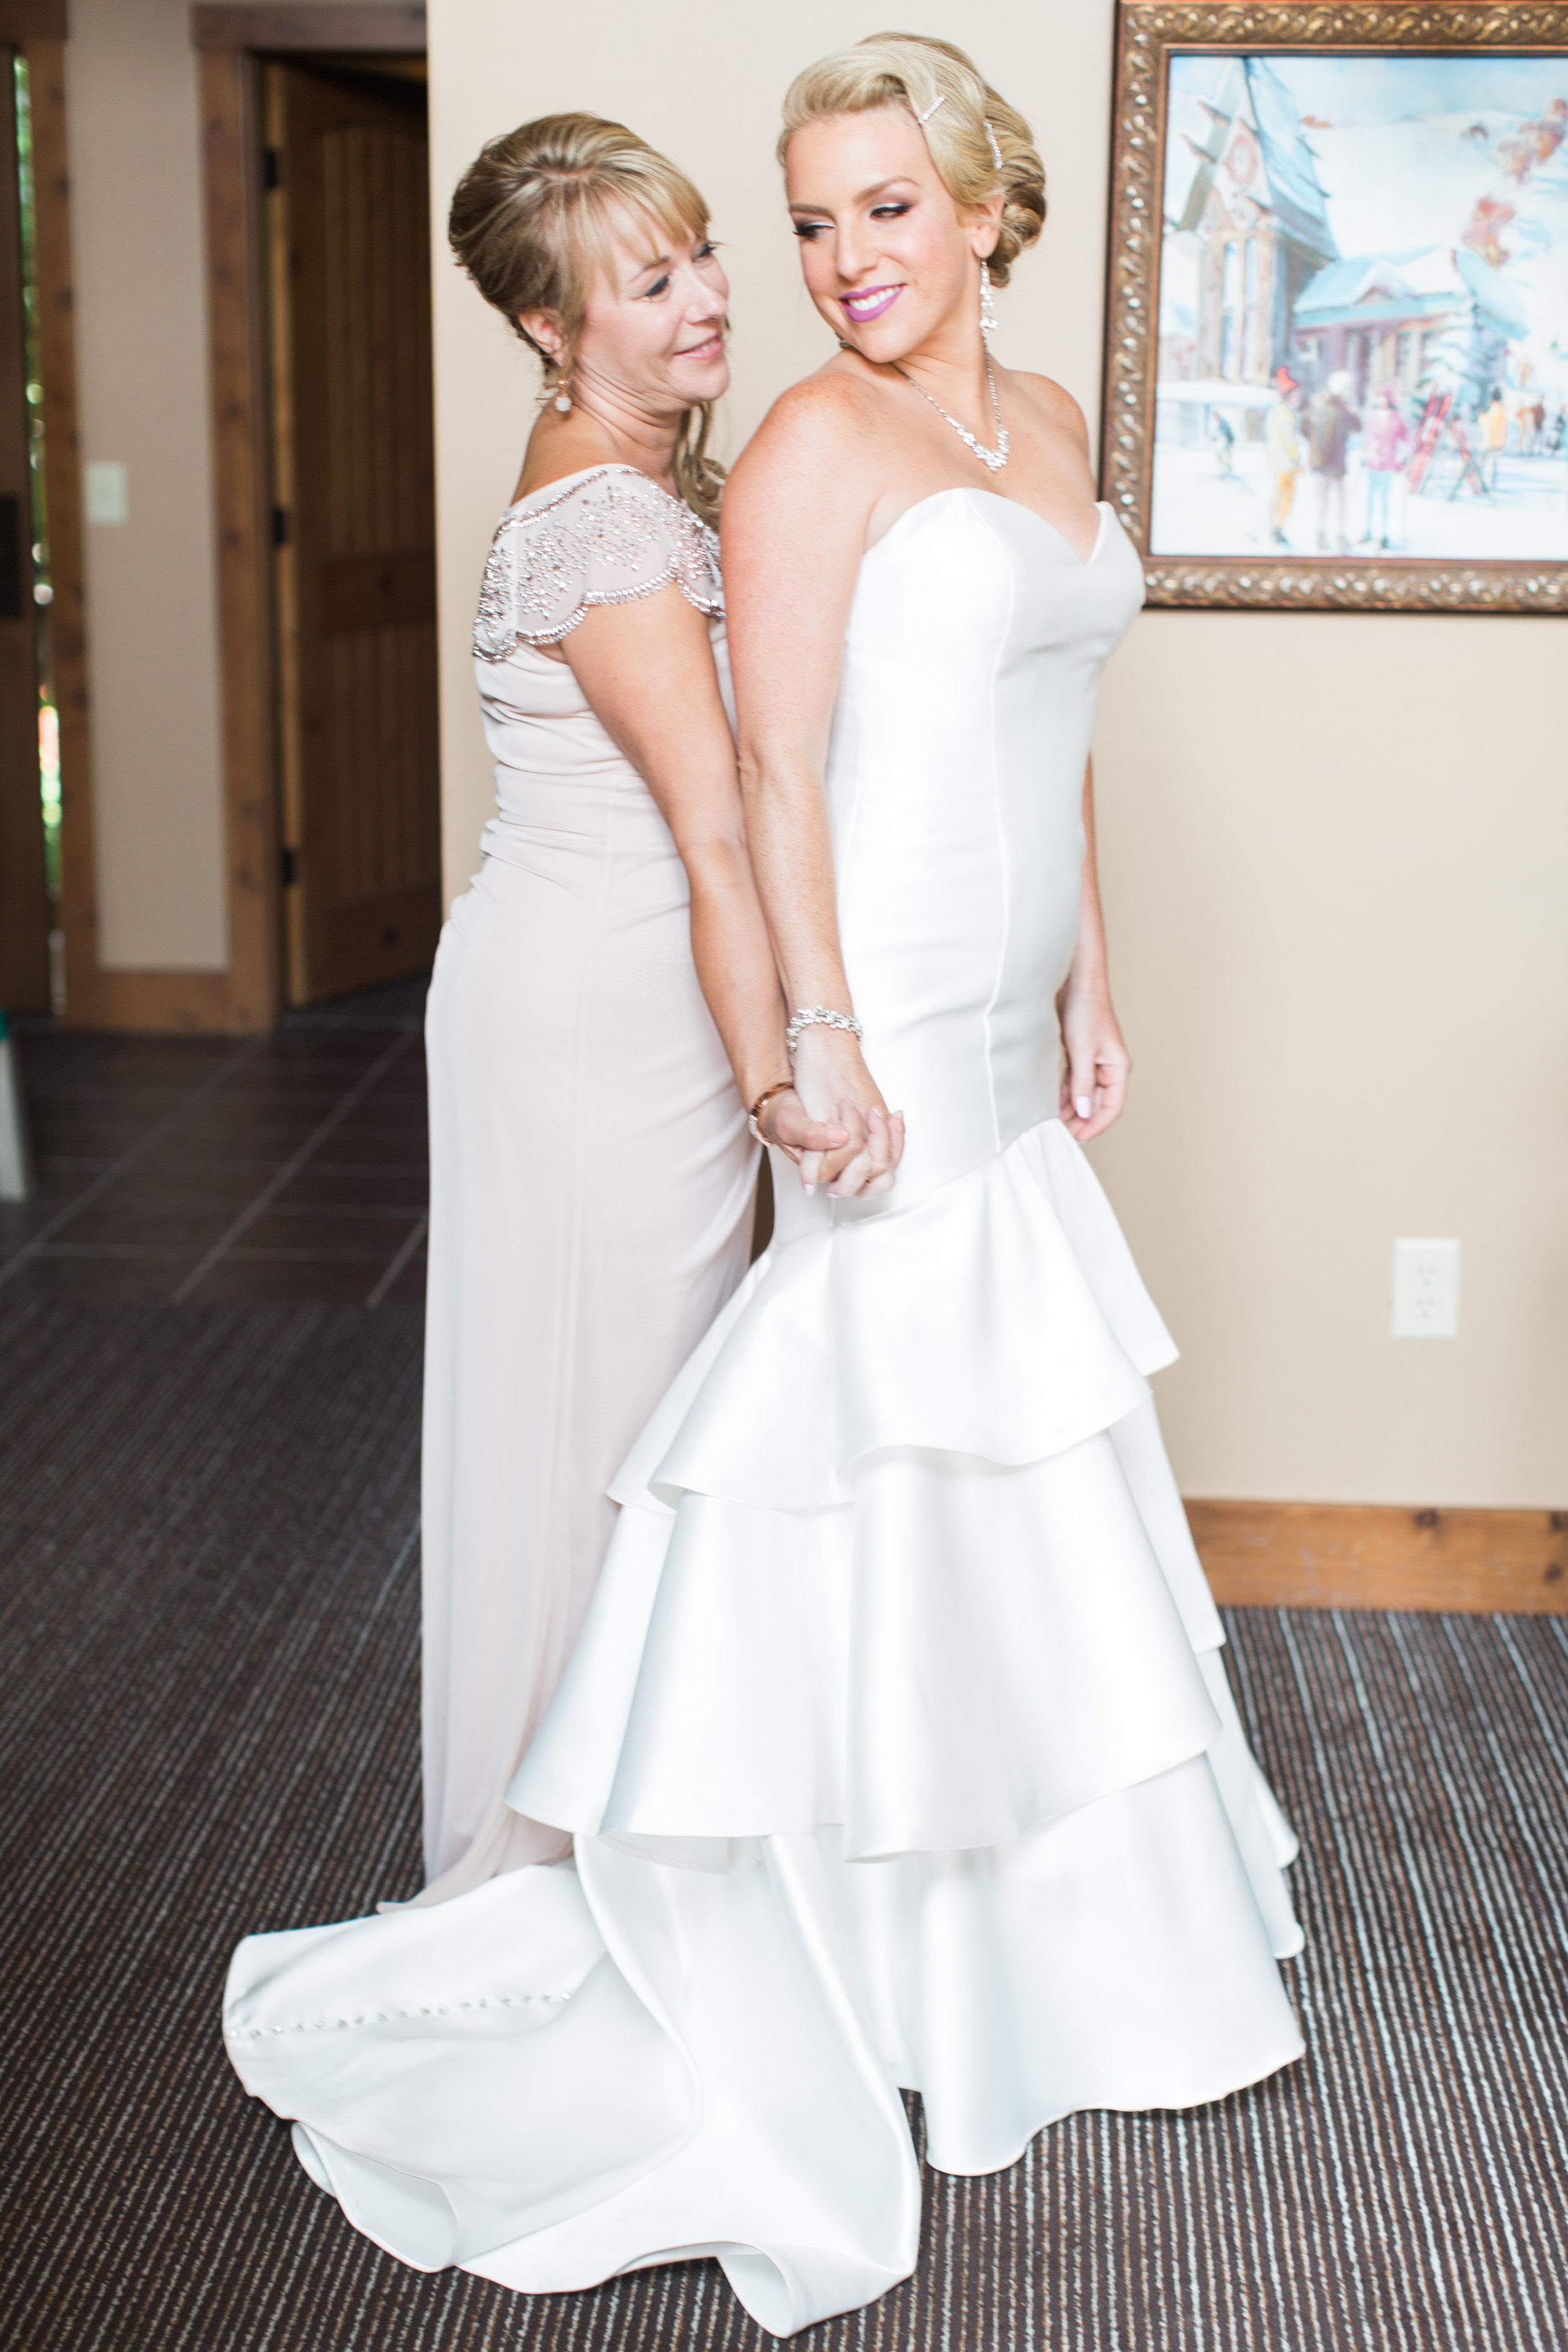 Kraft+Wedding+Getting+Ready+Girls-42.jpg